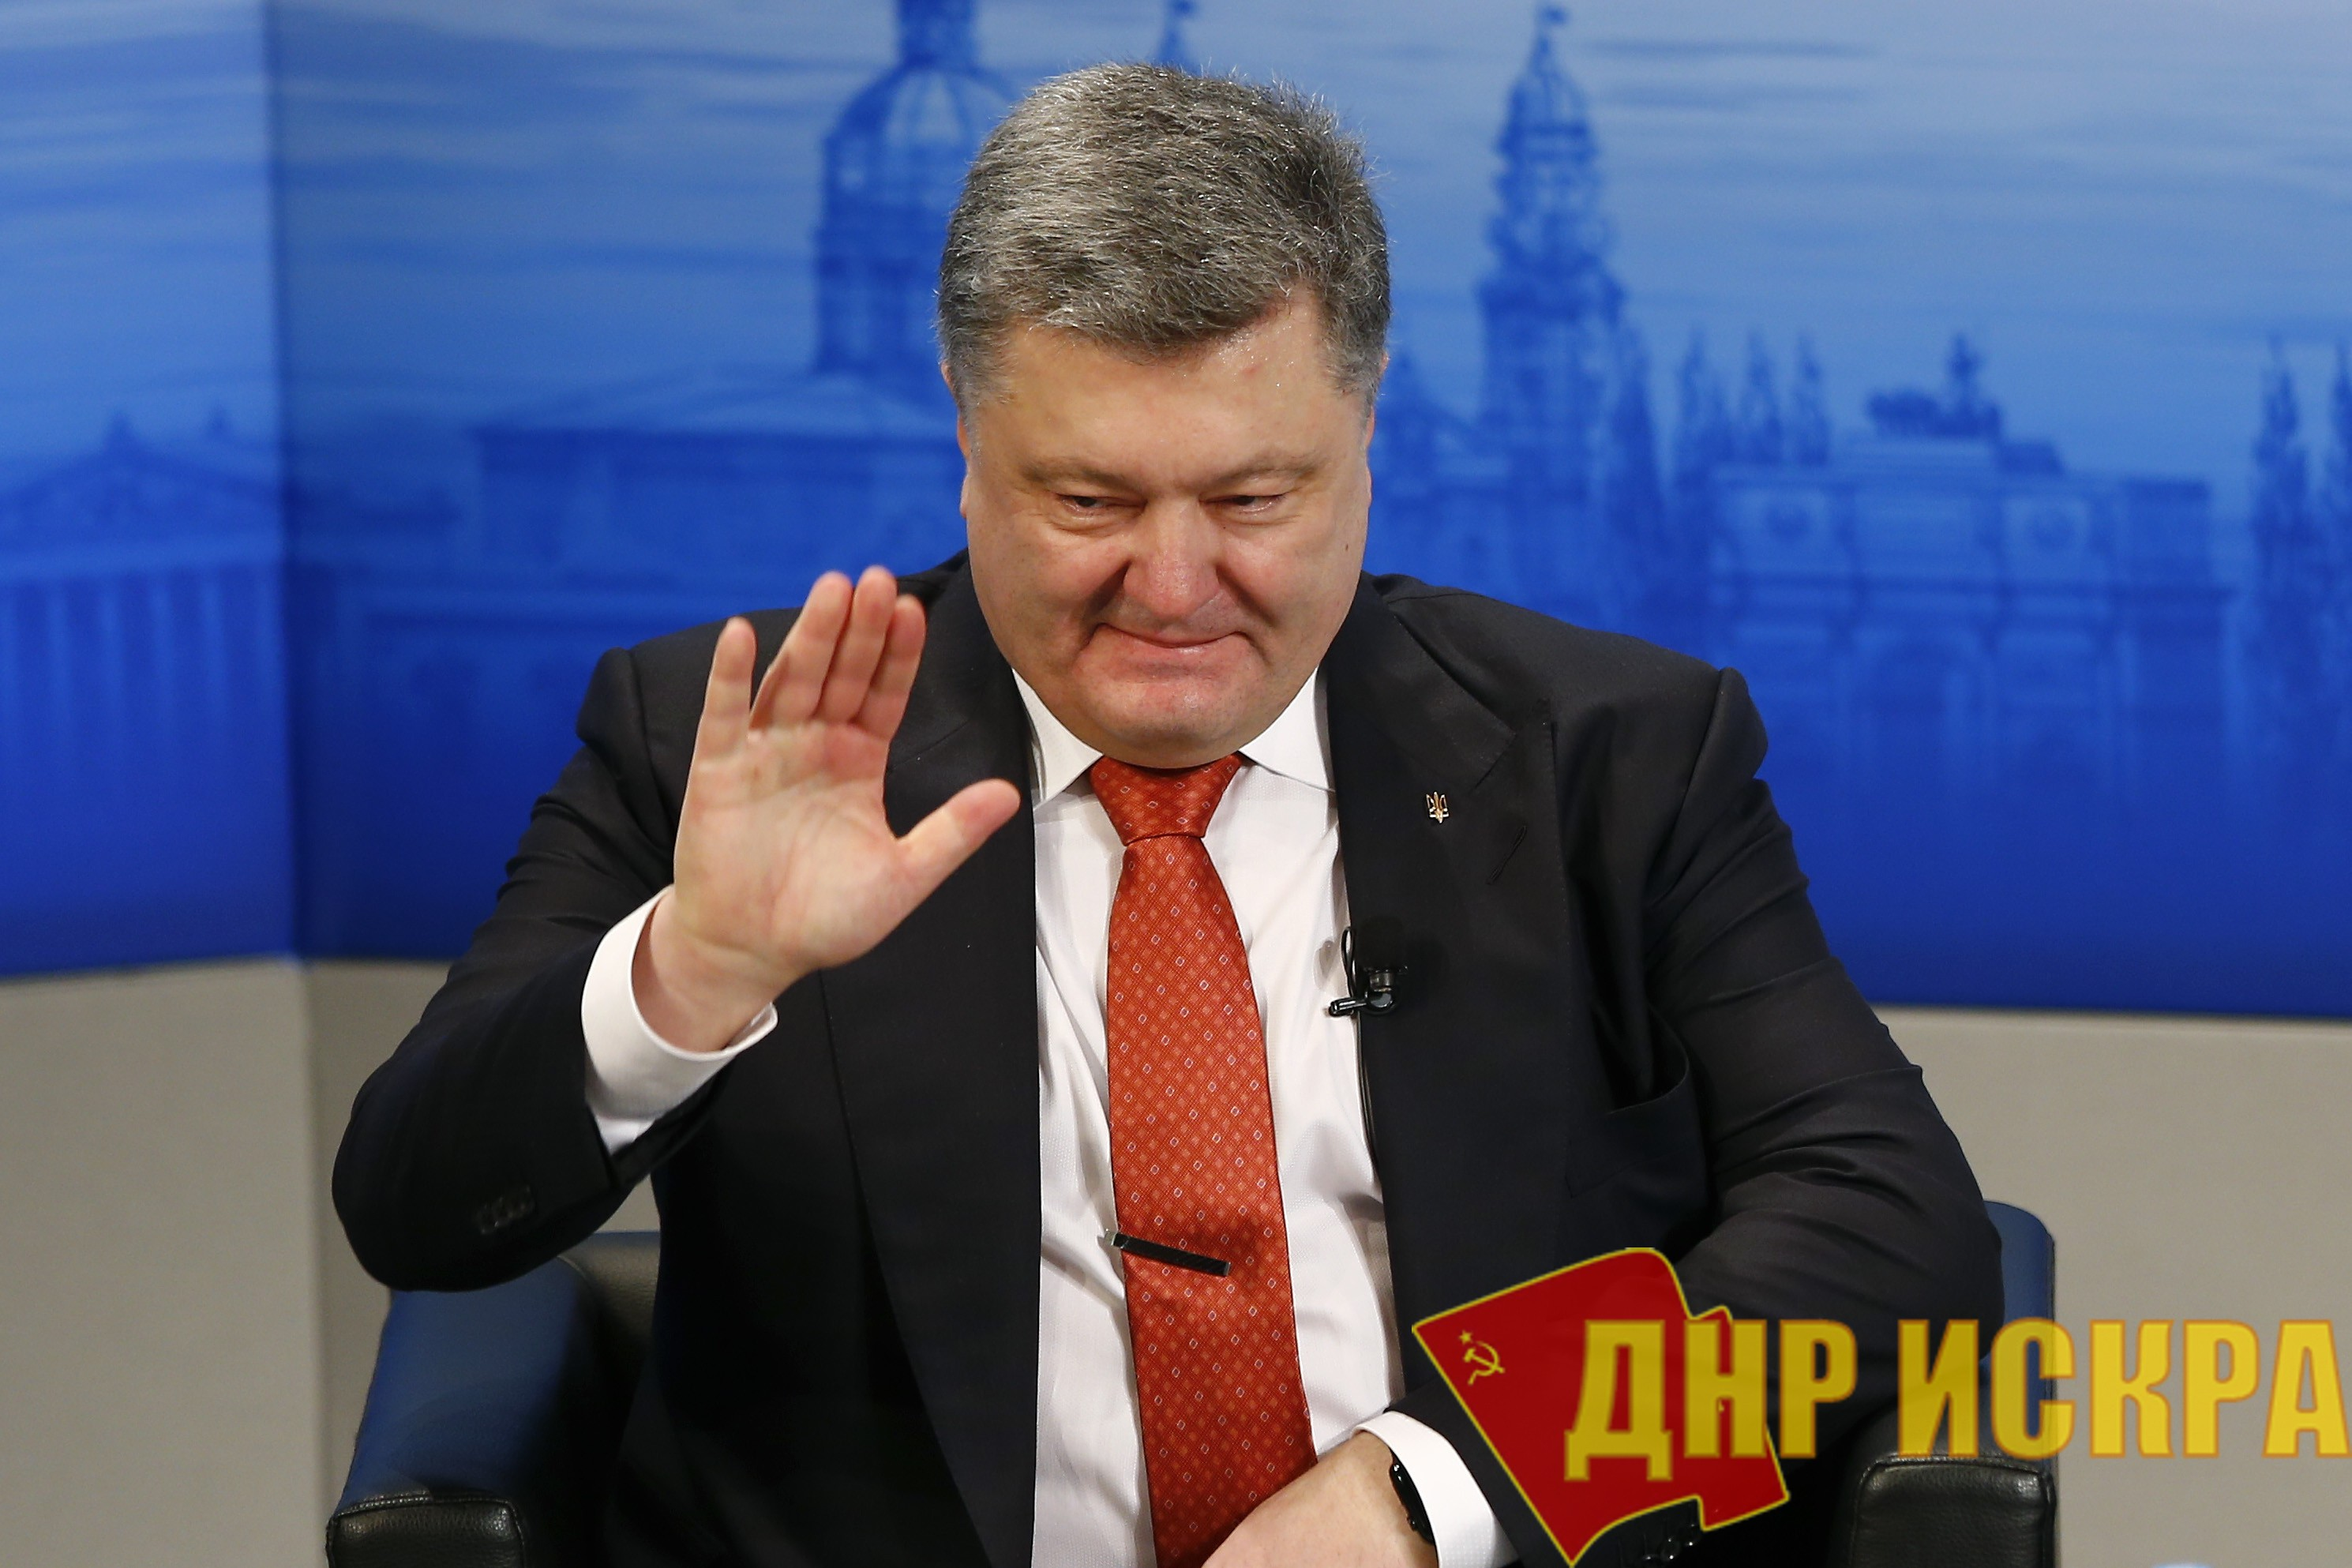 Порошенко заявил, что разрывает все связи с Российской Империей